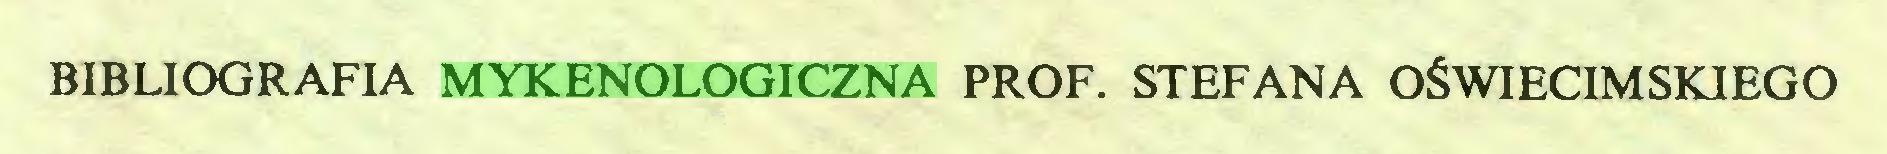 (...) BIBLIOGRAFIA MYKENOLOGICZNA PROF. STEFANA OŚWIĘCIMSKIEGO...